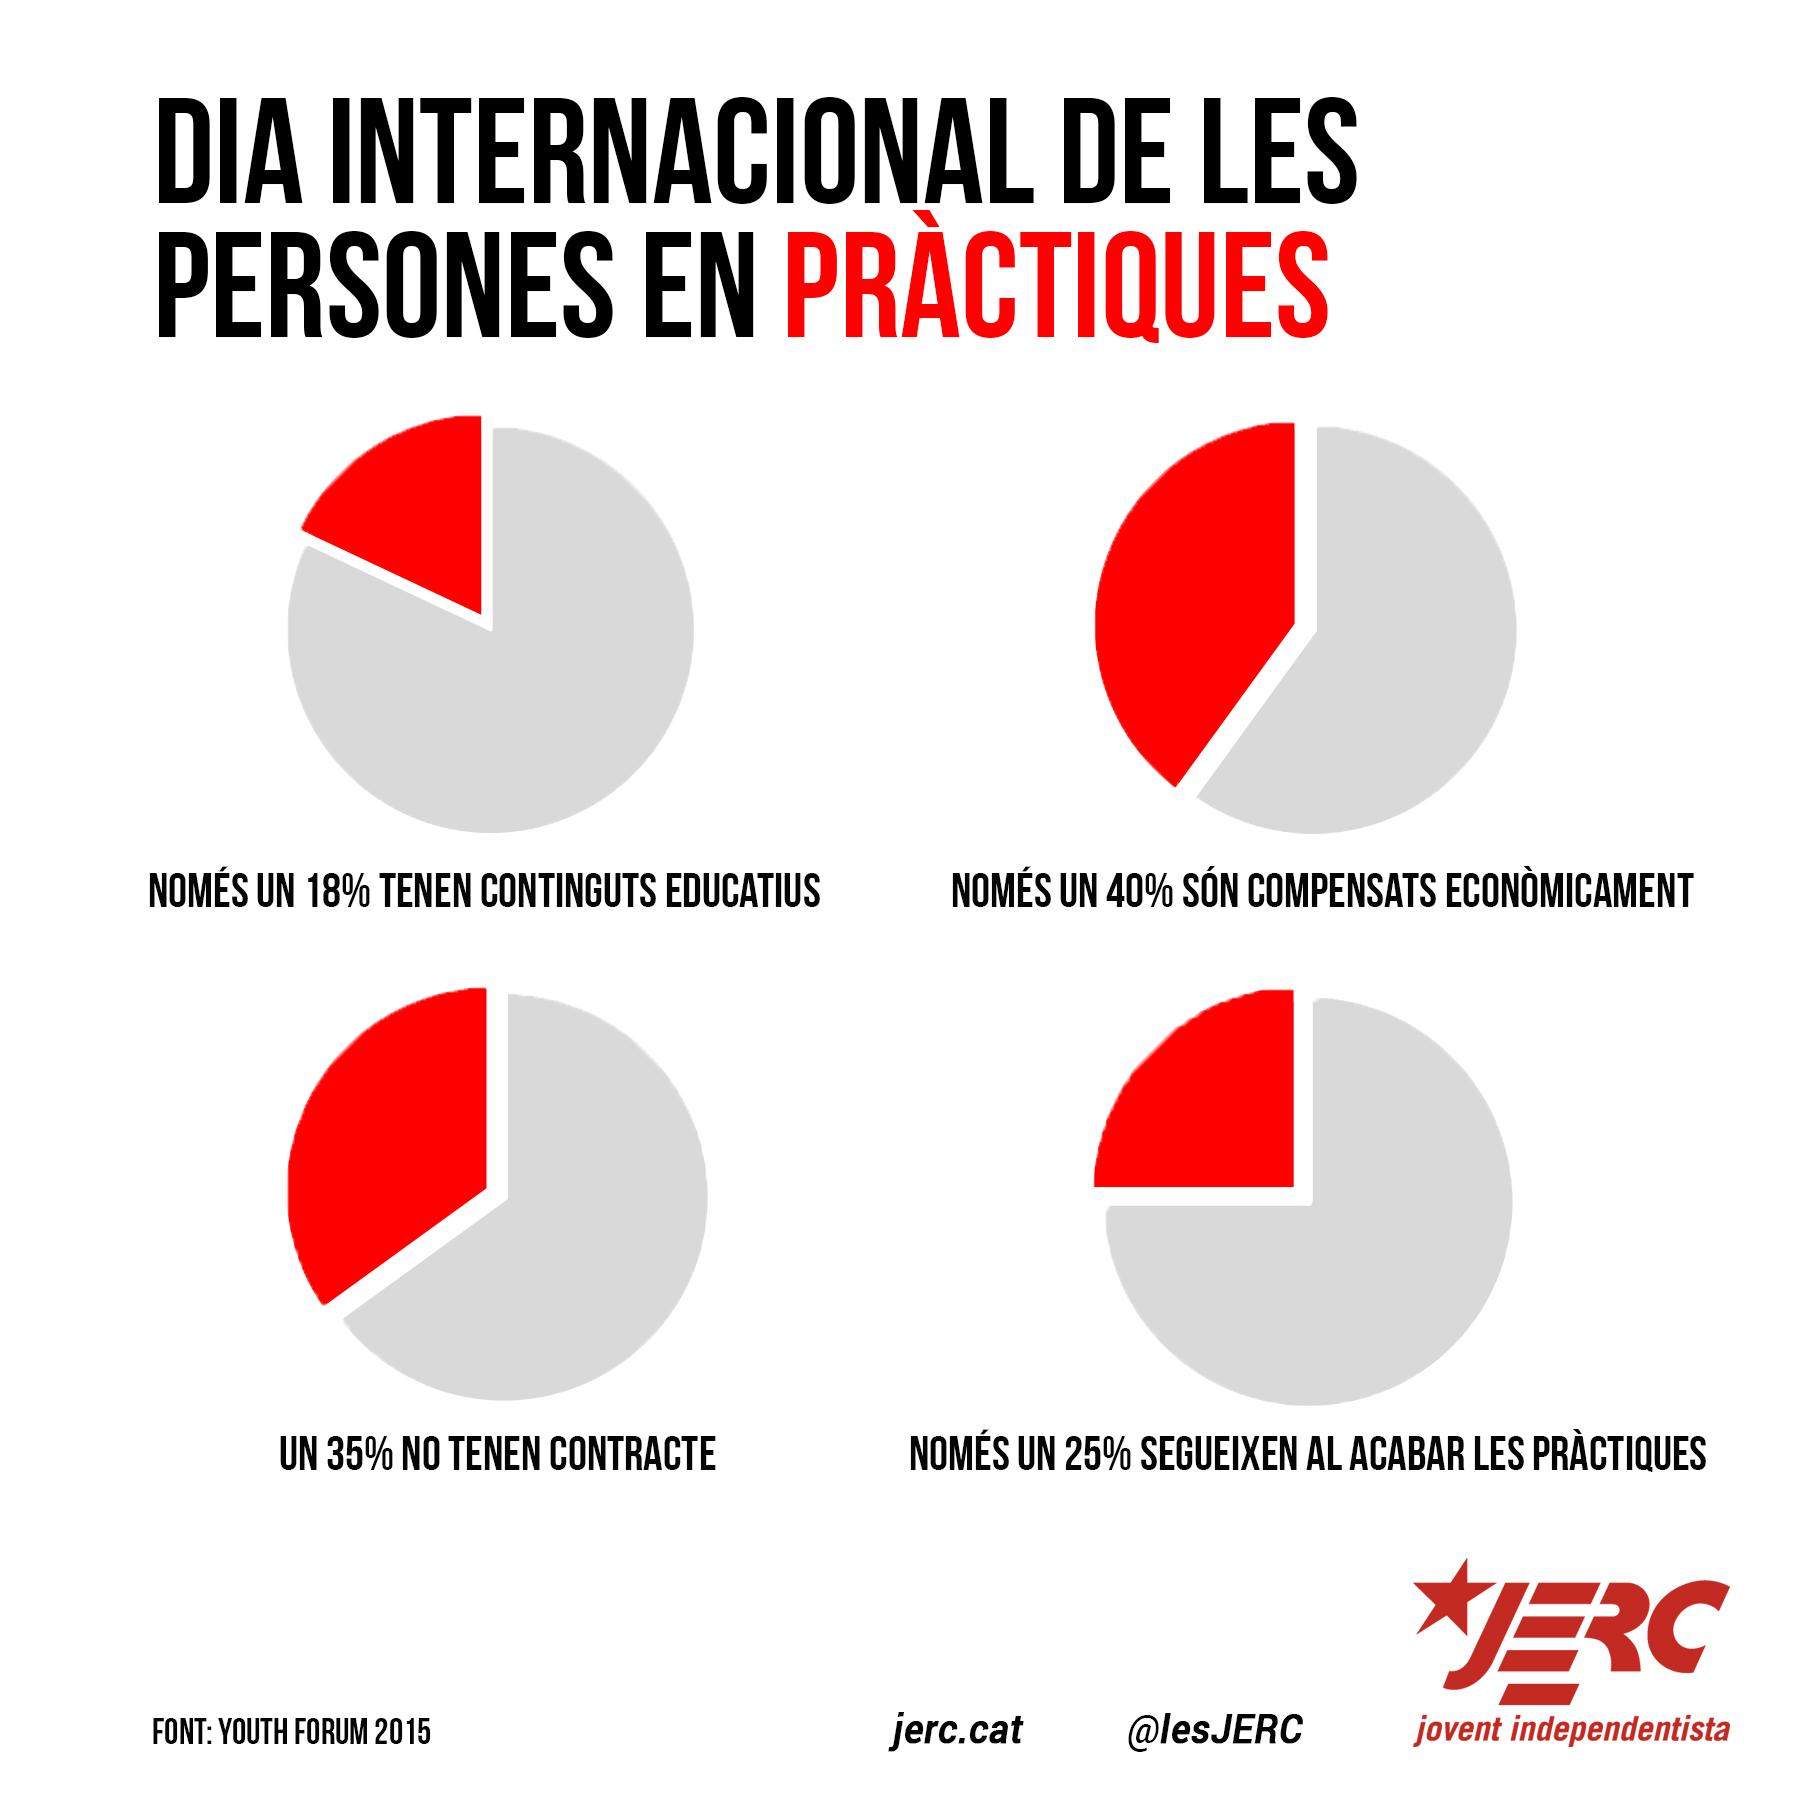 Dia Internacional de les Persones en Pràctiques